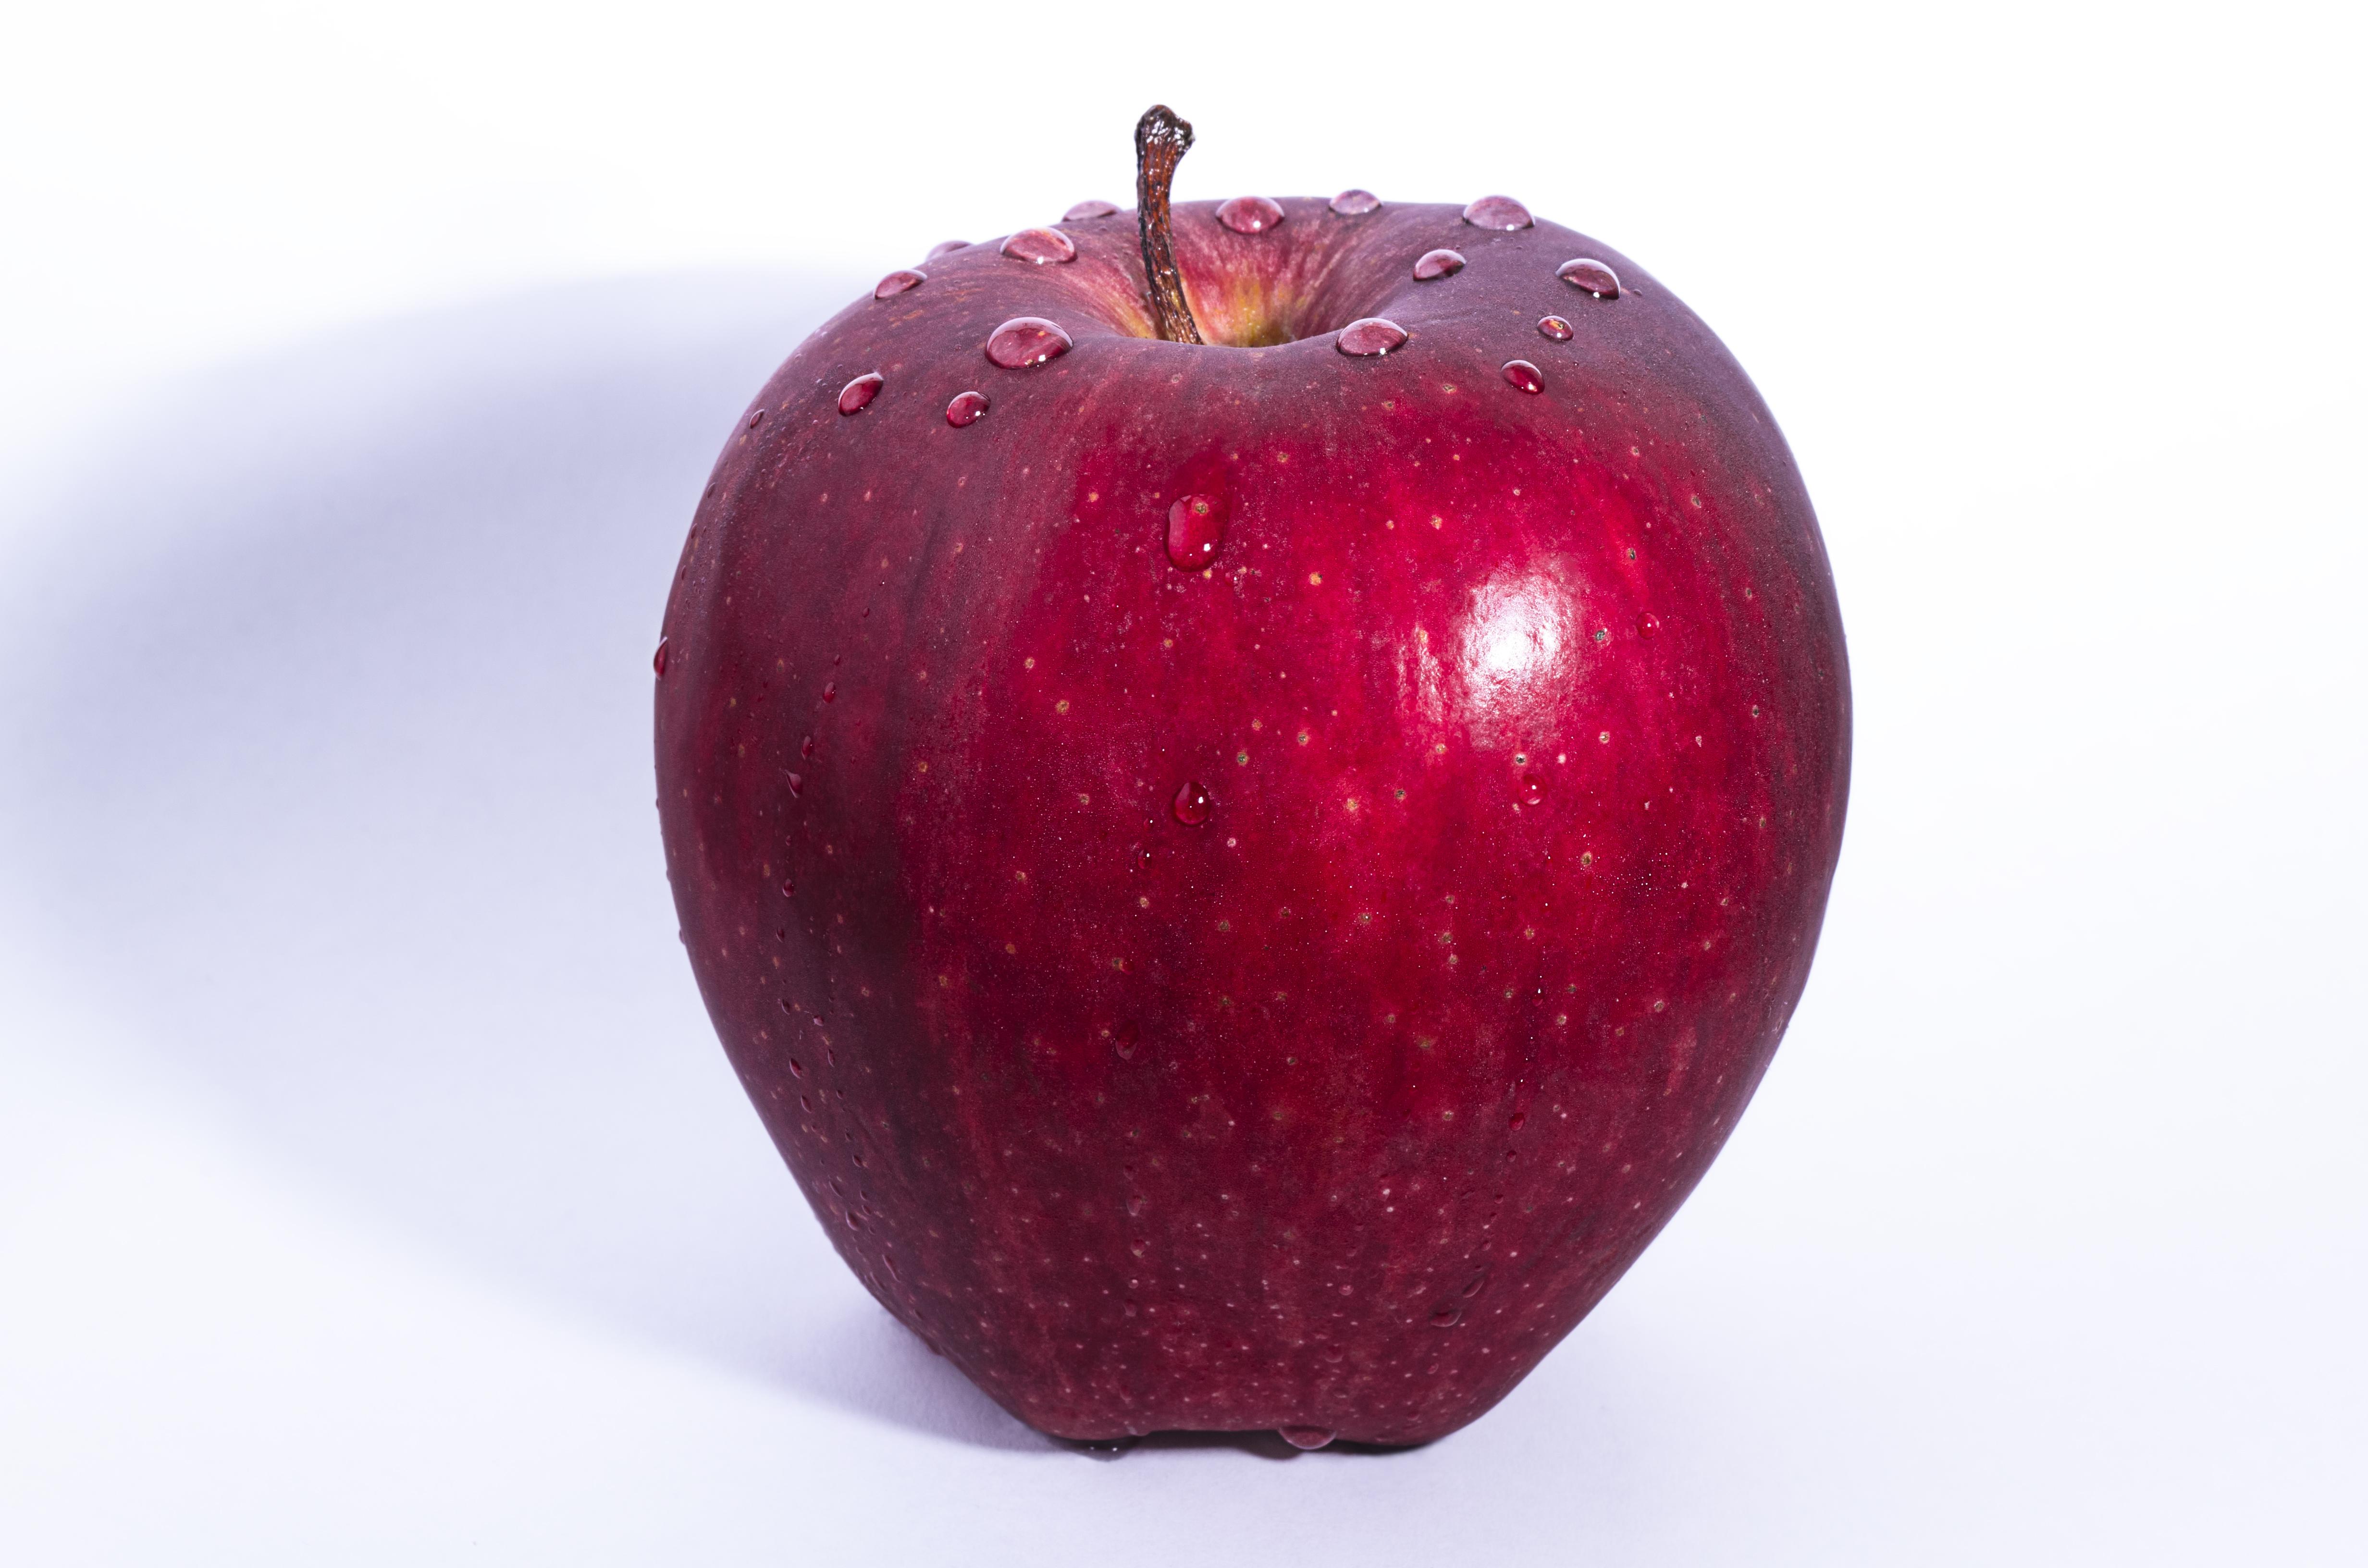 4reb0lqetnctlentxo1p_apple